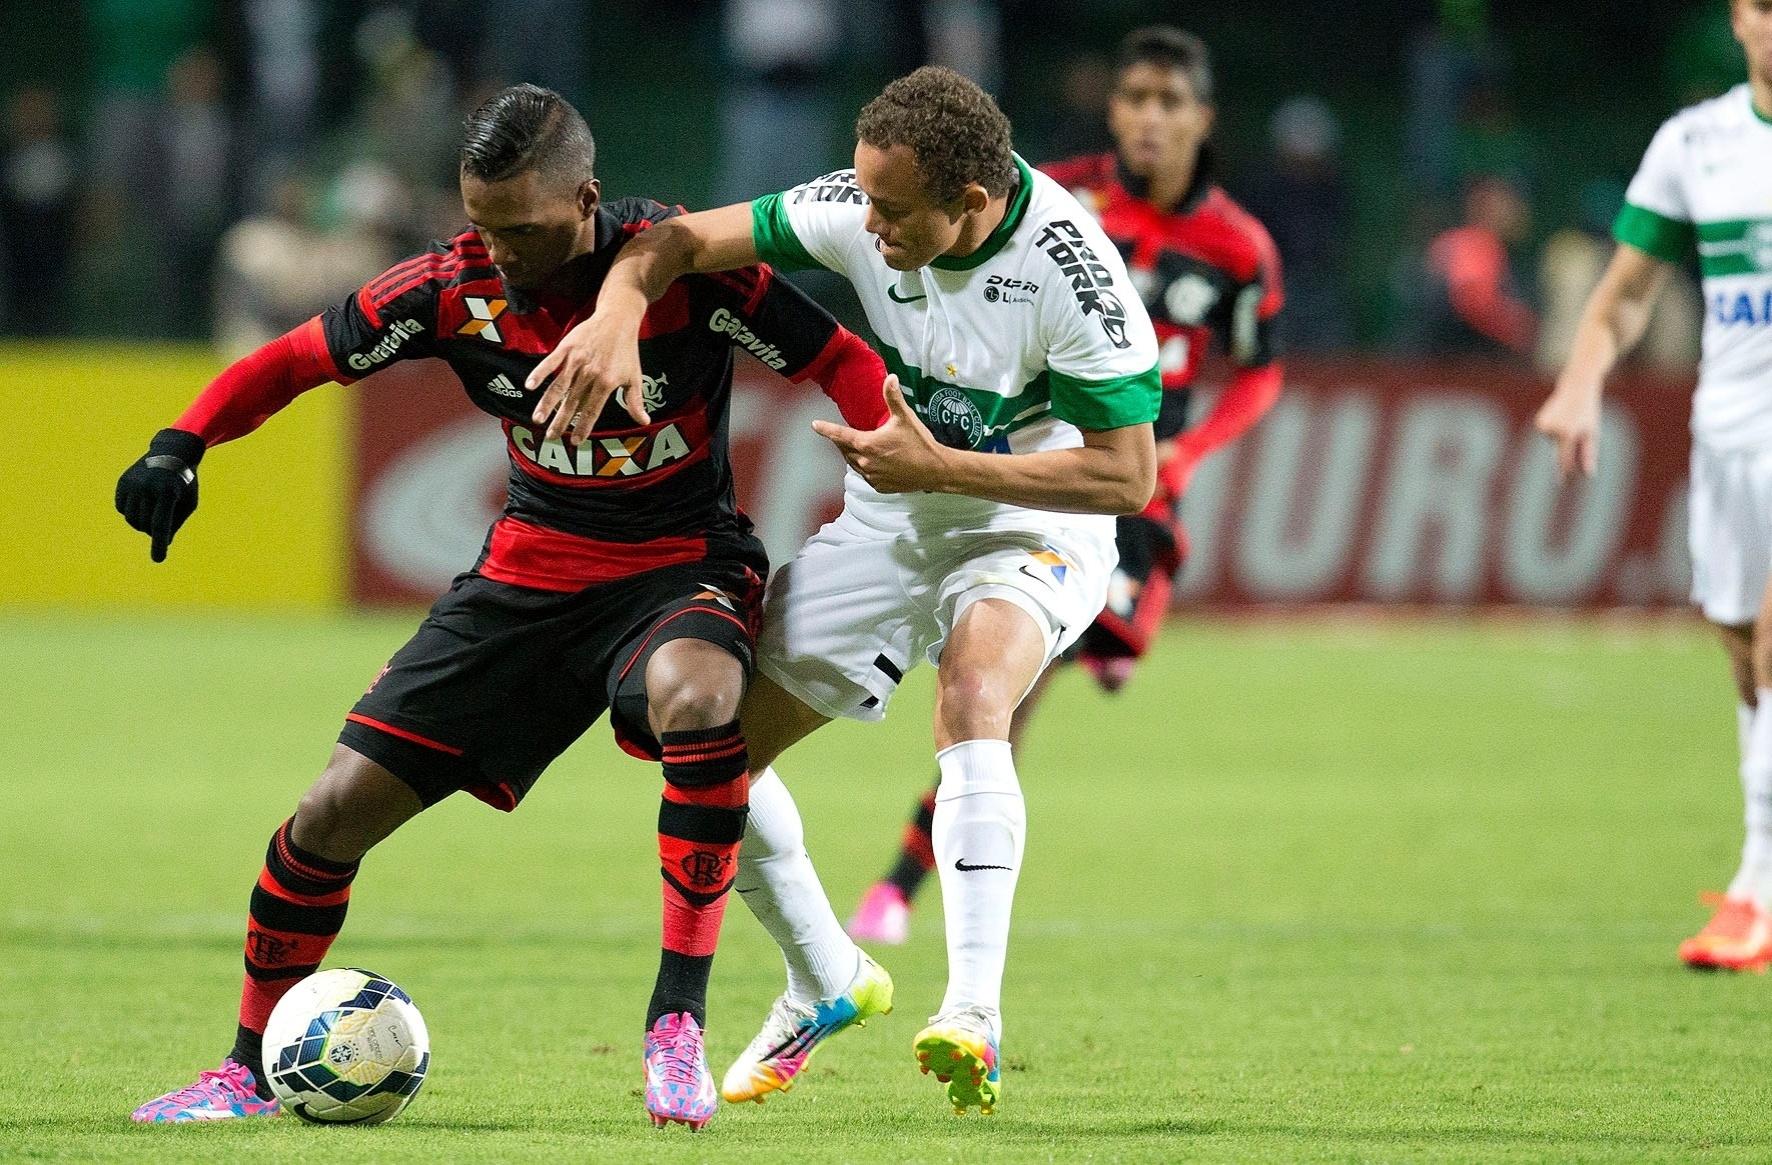 Carlinhos tenta roubar a bola do Flamengo em jogo do Coritiba pela Copa do Brasil